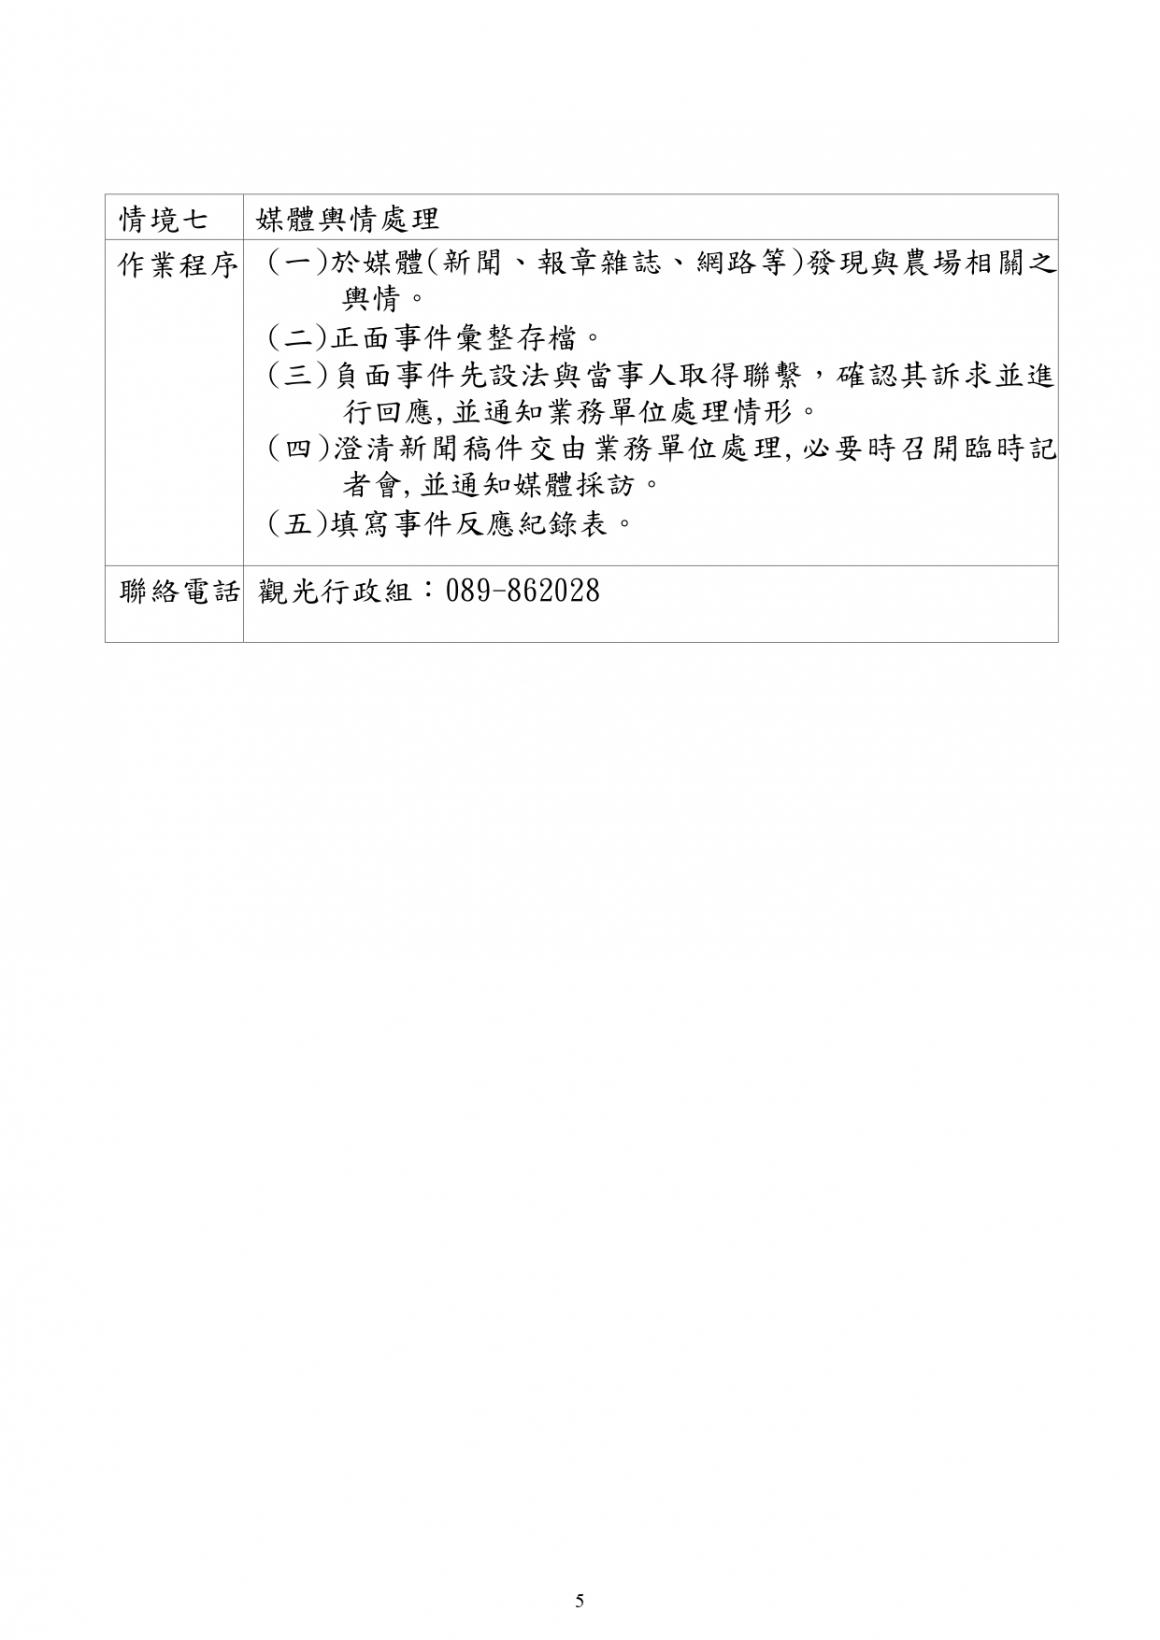 臺東農場應變程序正式版_page-0005